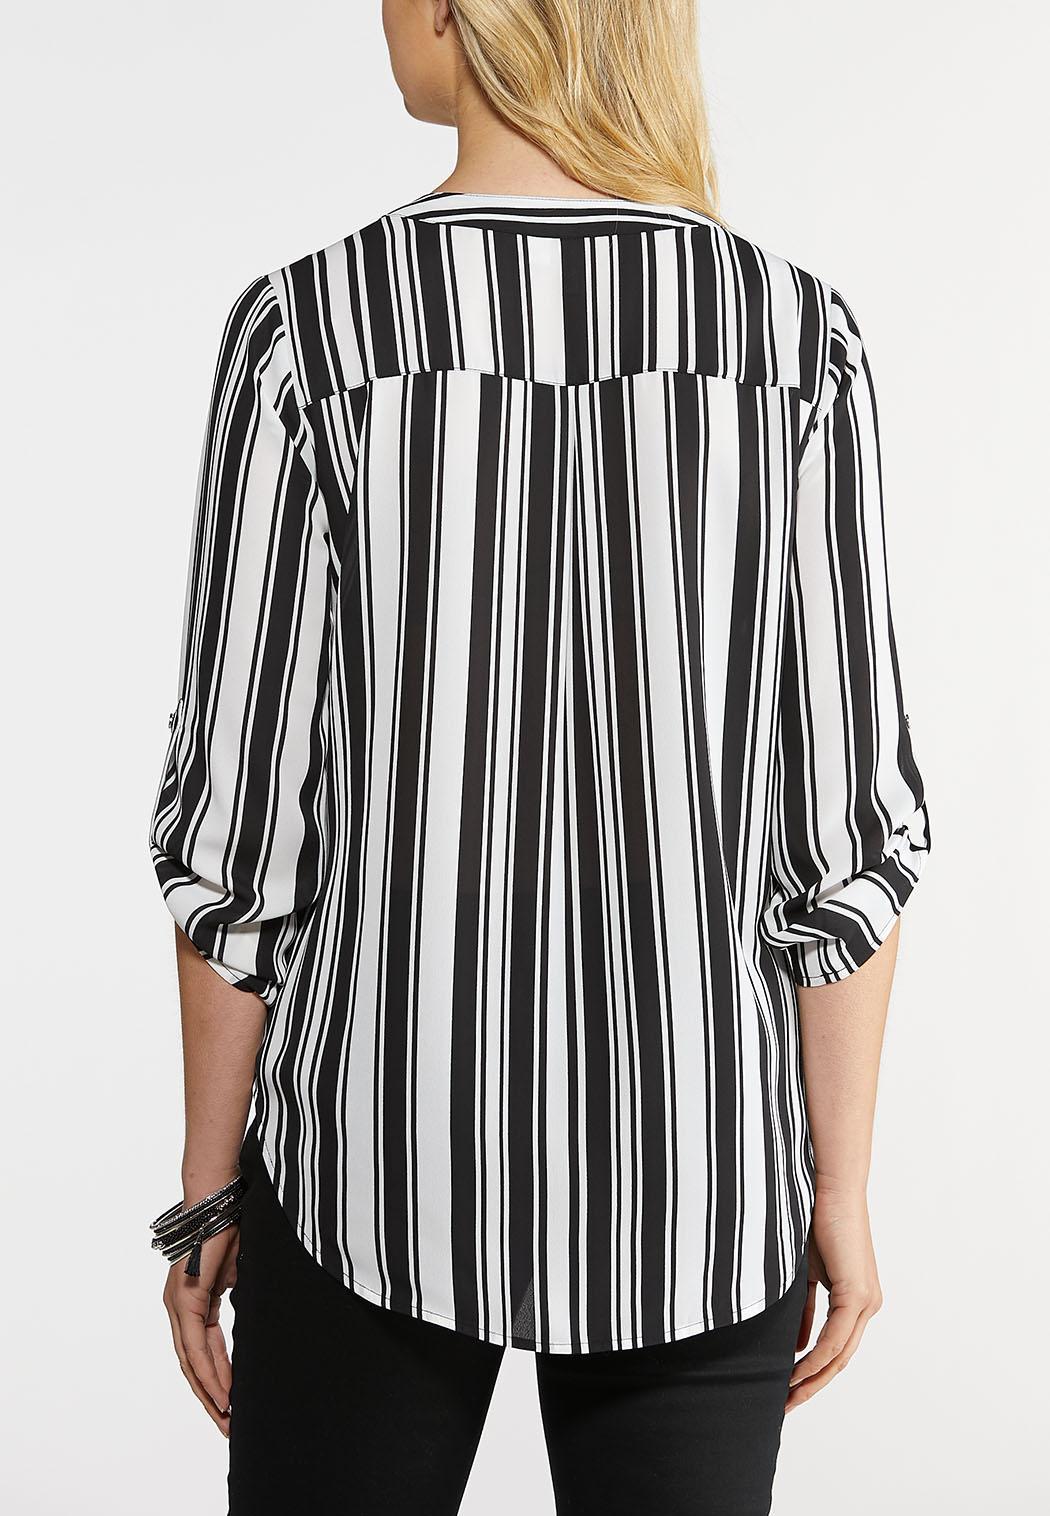 Striped Popover Top (Item #43916847)